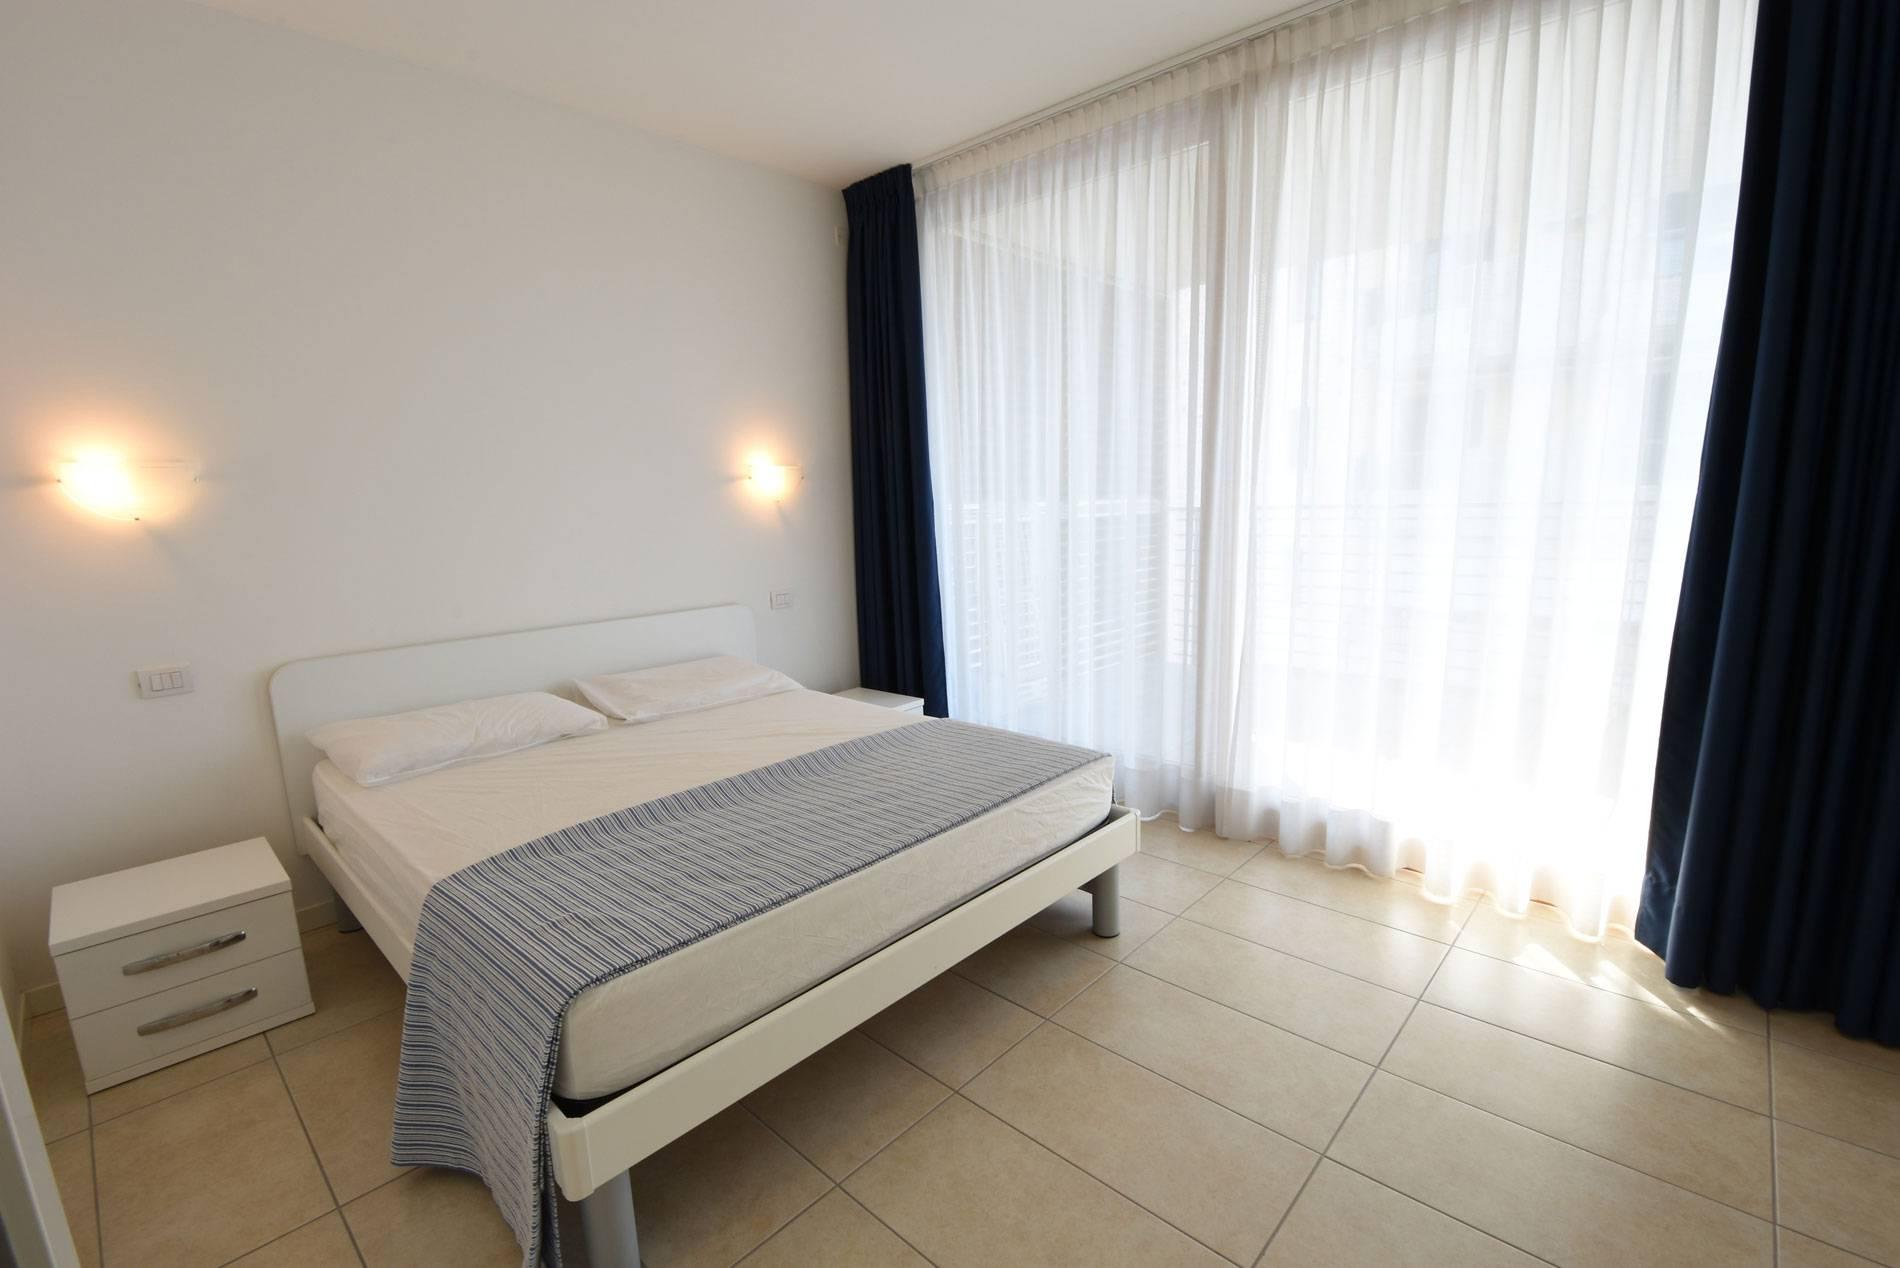 camera-da-letto-residence-jesolo-casa-vacanza-1428774831